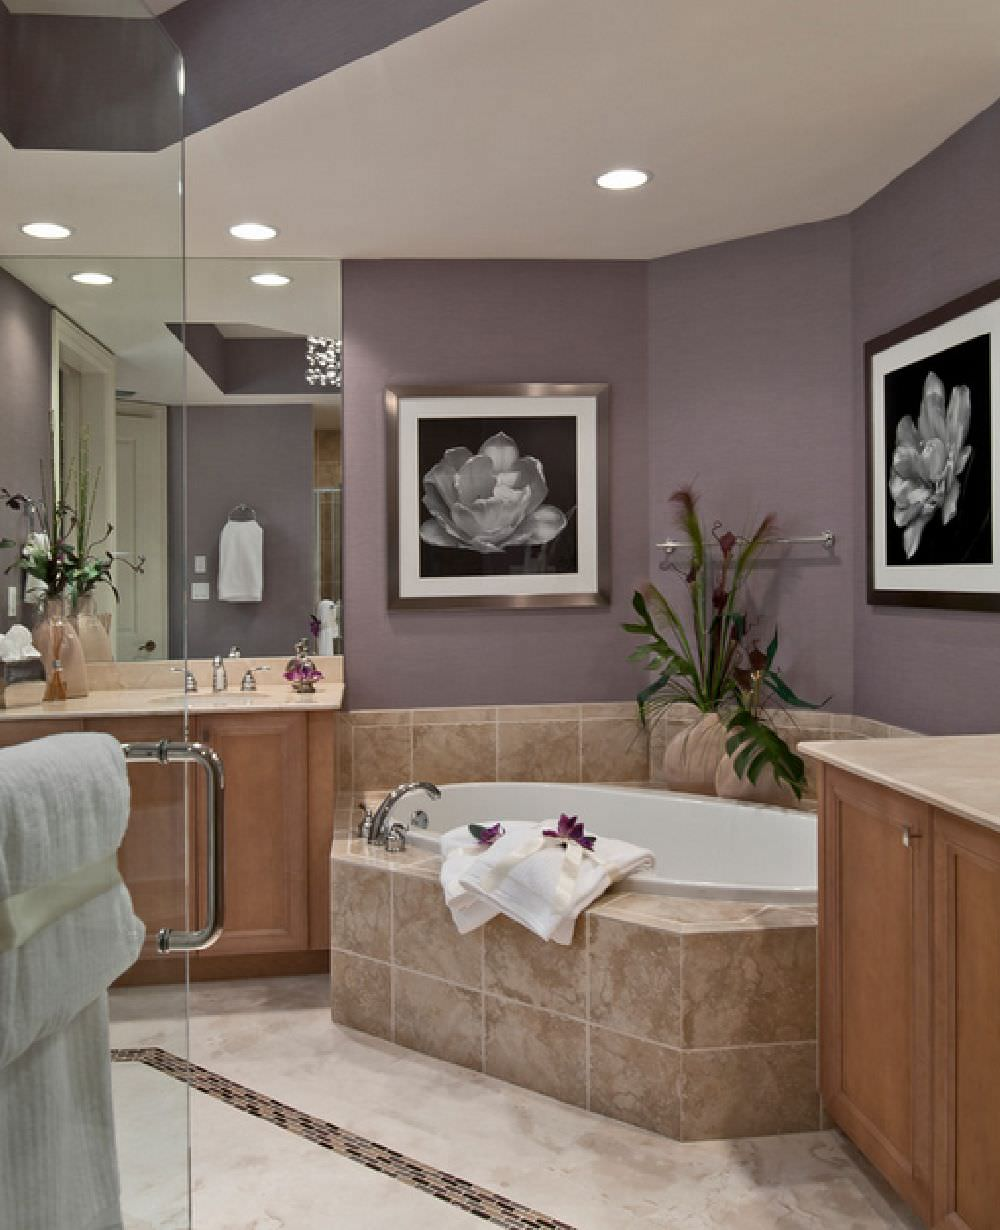 Imbiancare casa colori di tendenza per ogni stanza idee colore pareti per tinteggiare casa for Colori casa moderna